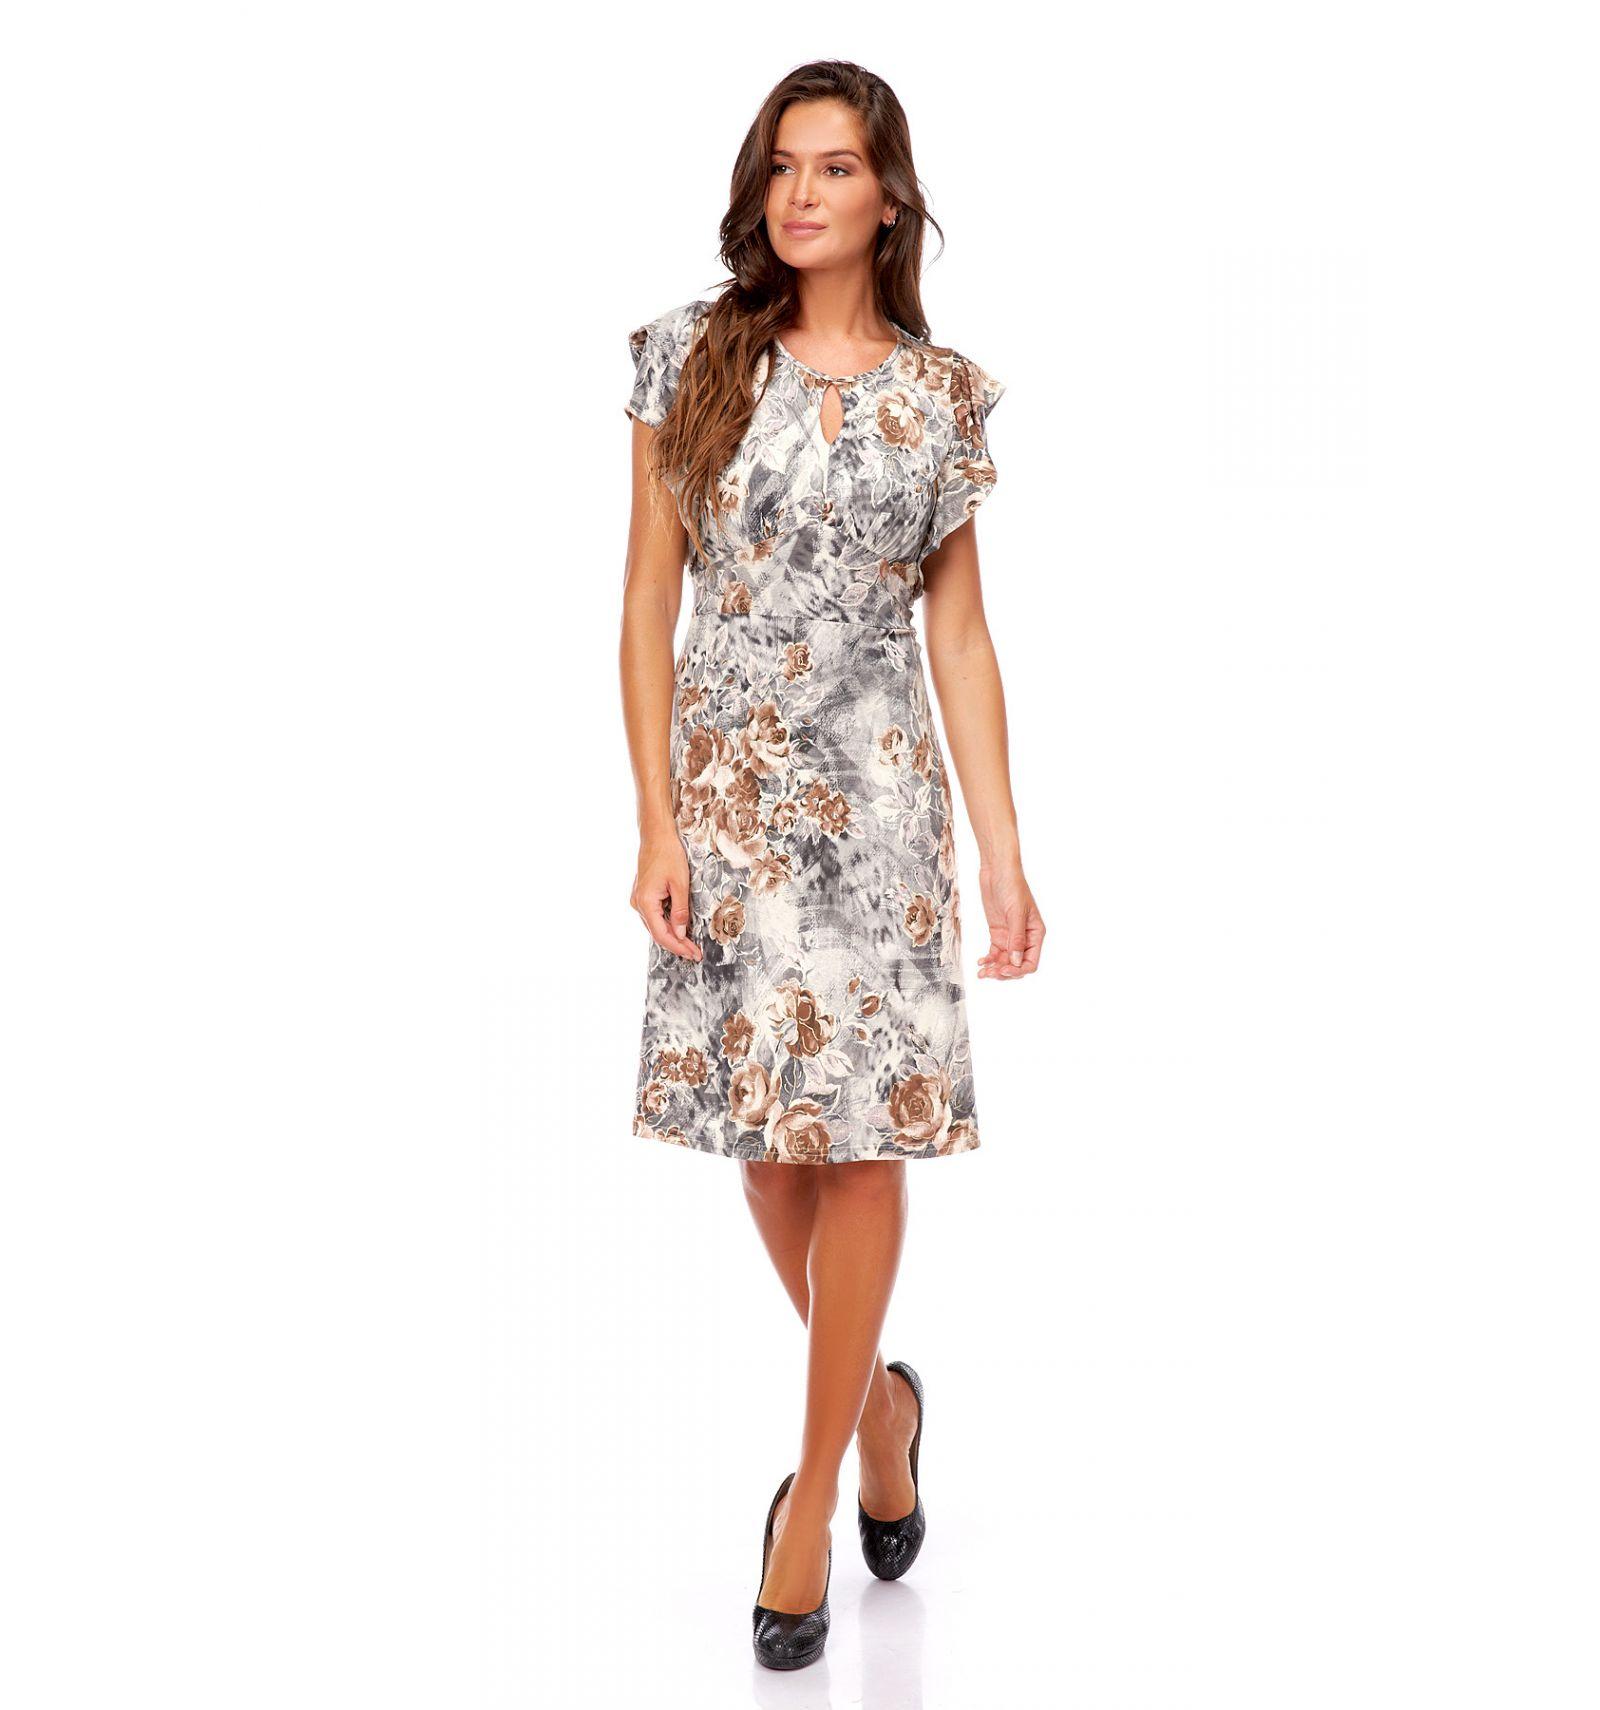 Billiges weißes Kleid kaufen